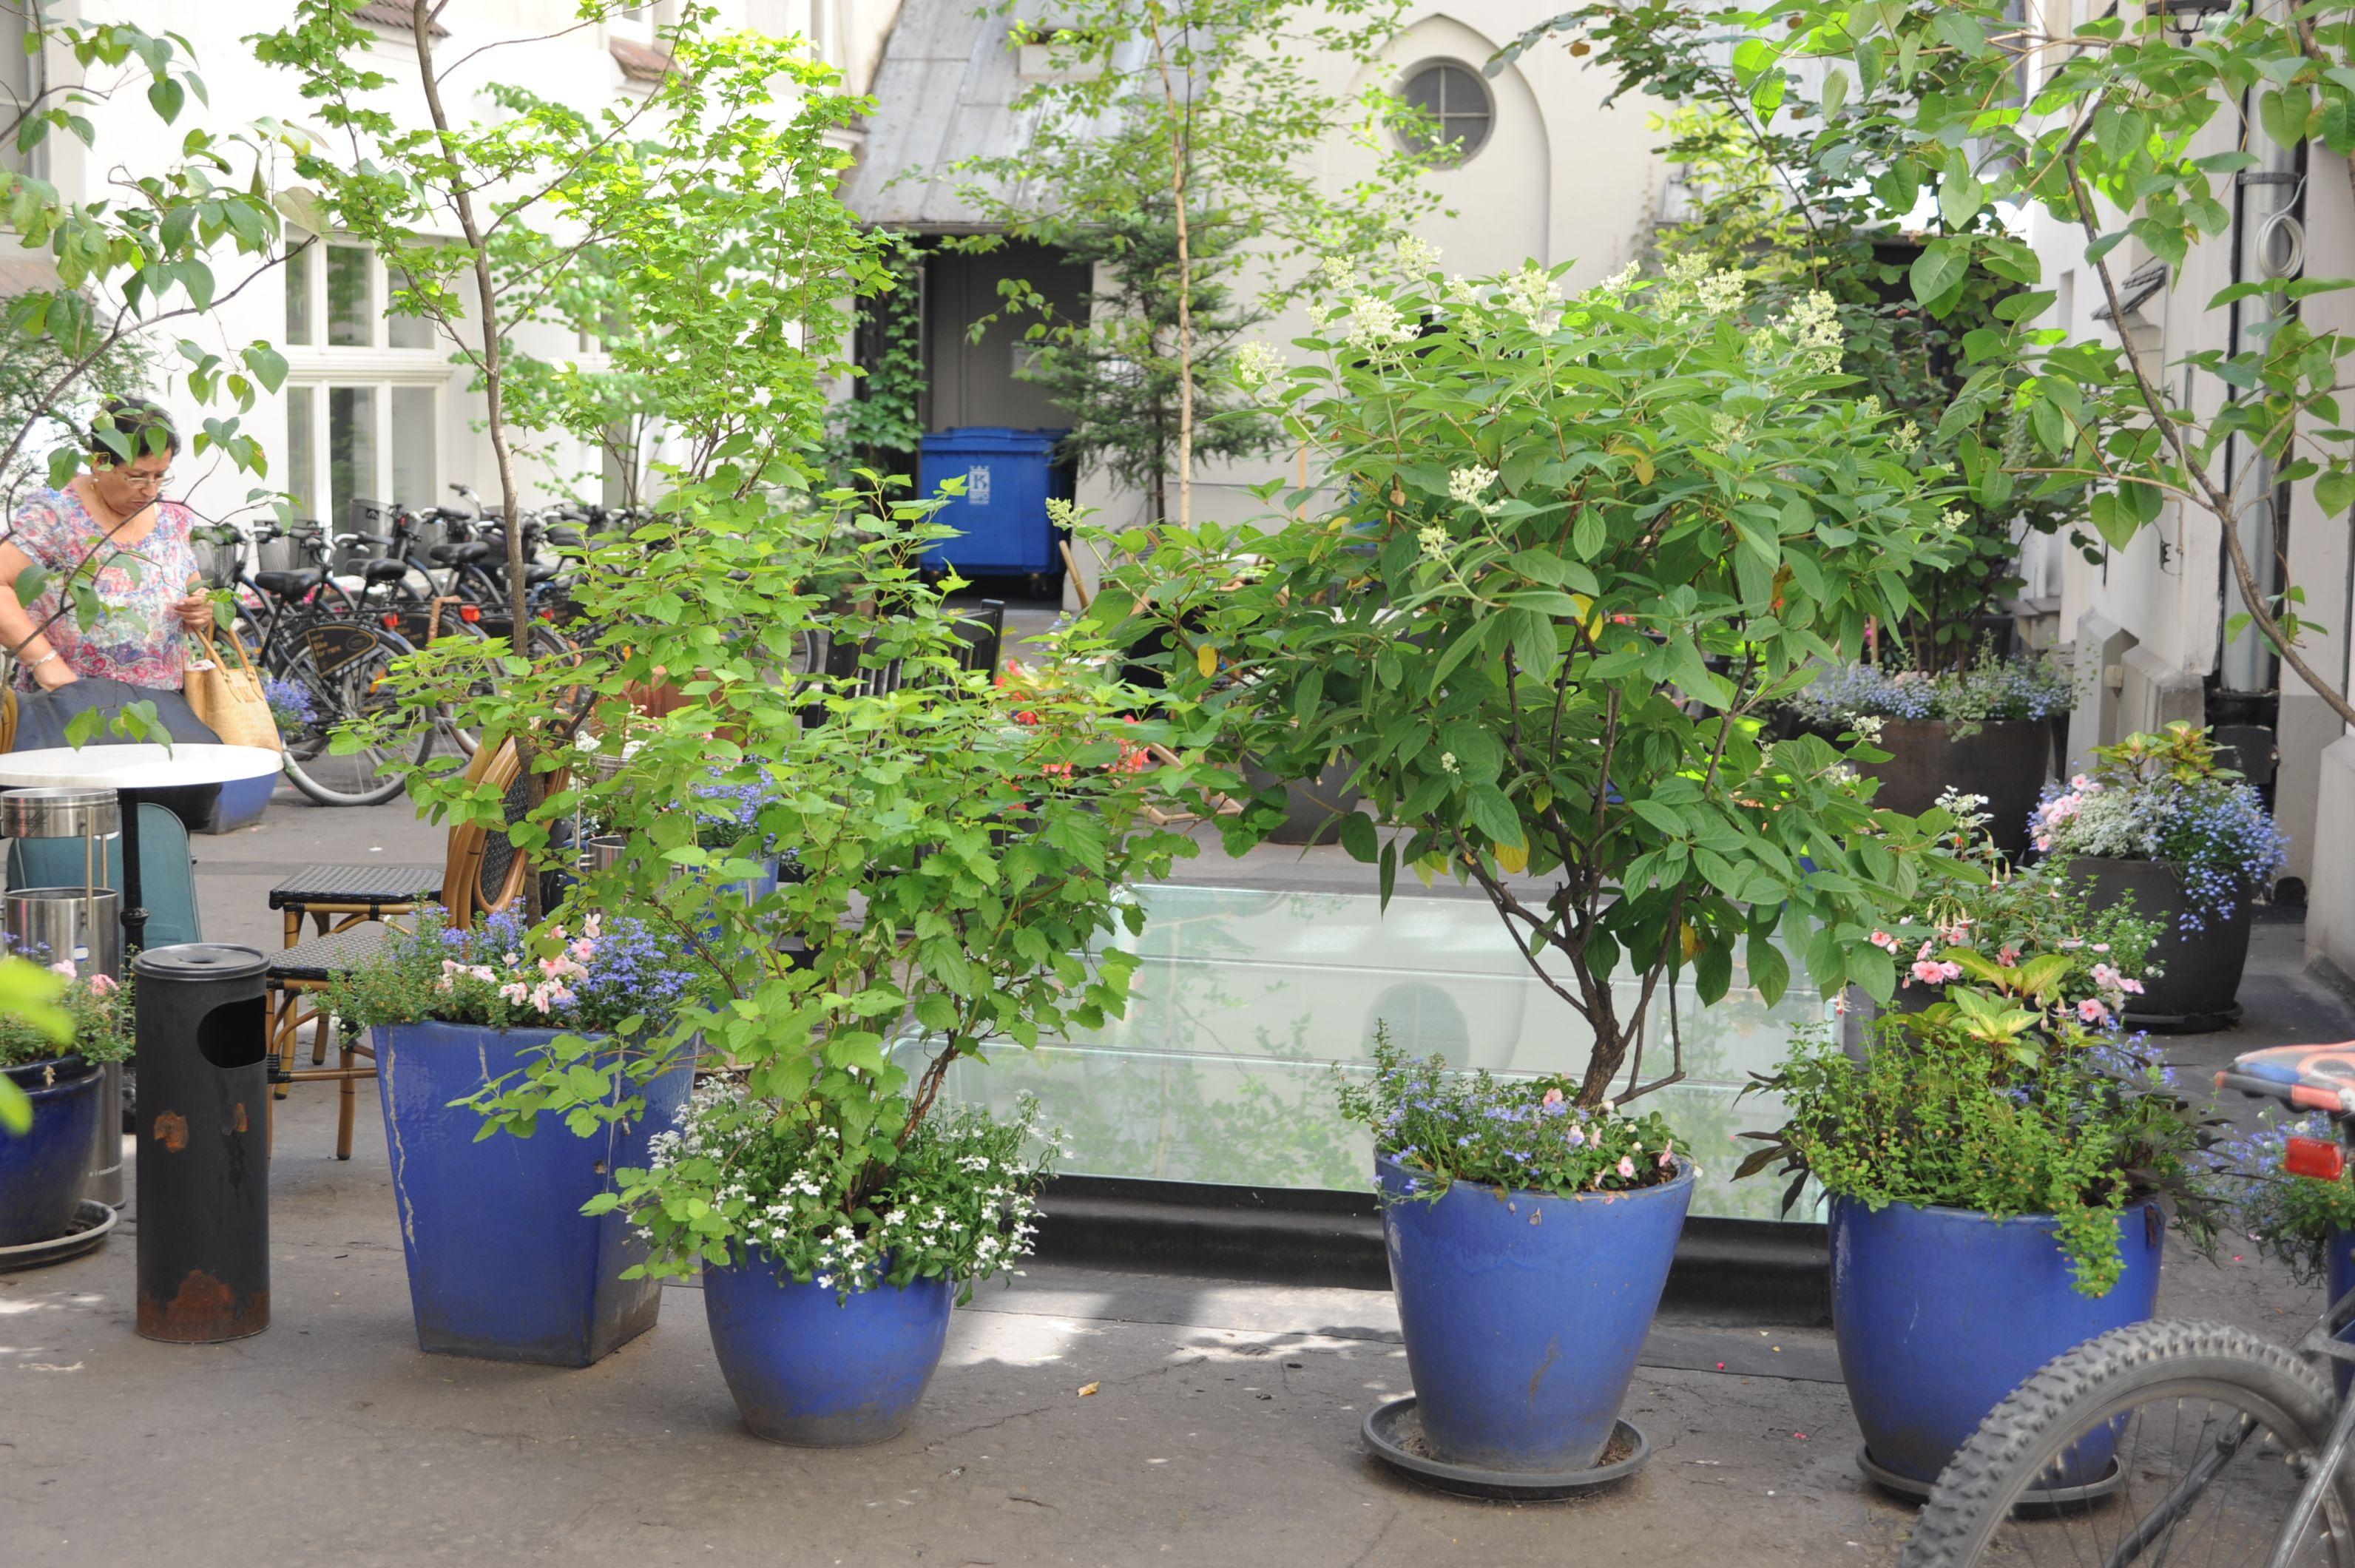 Ogrod Lobzow Ogrod Lobzow Plants